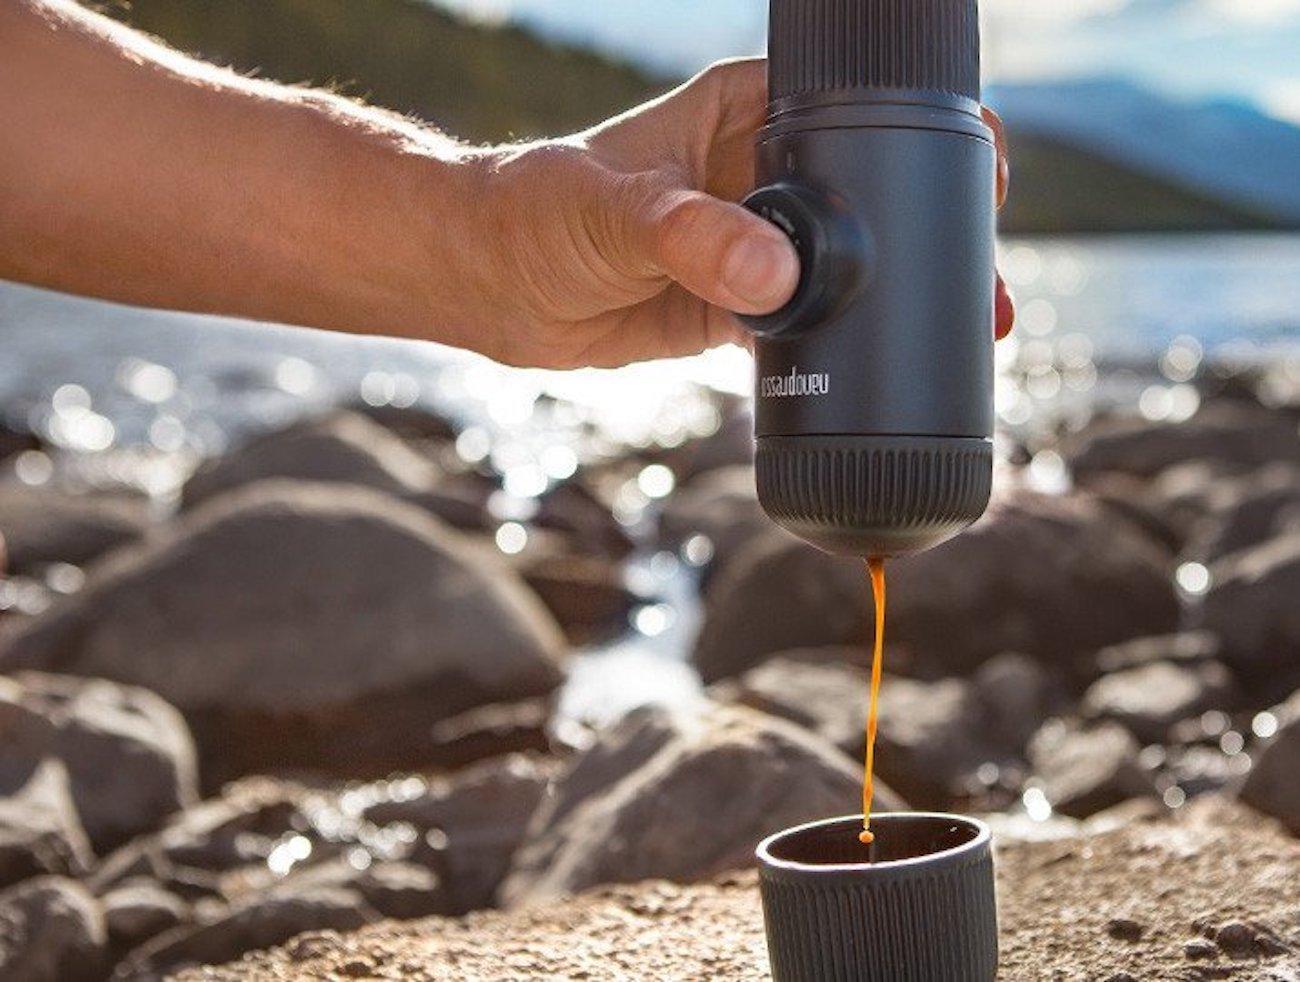 Wacaco Nanopresso Portable Manual Espresso Machine